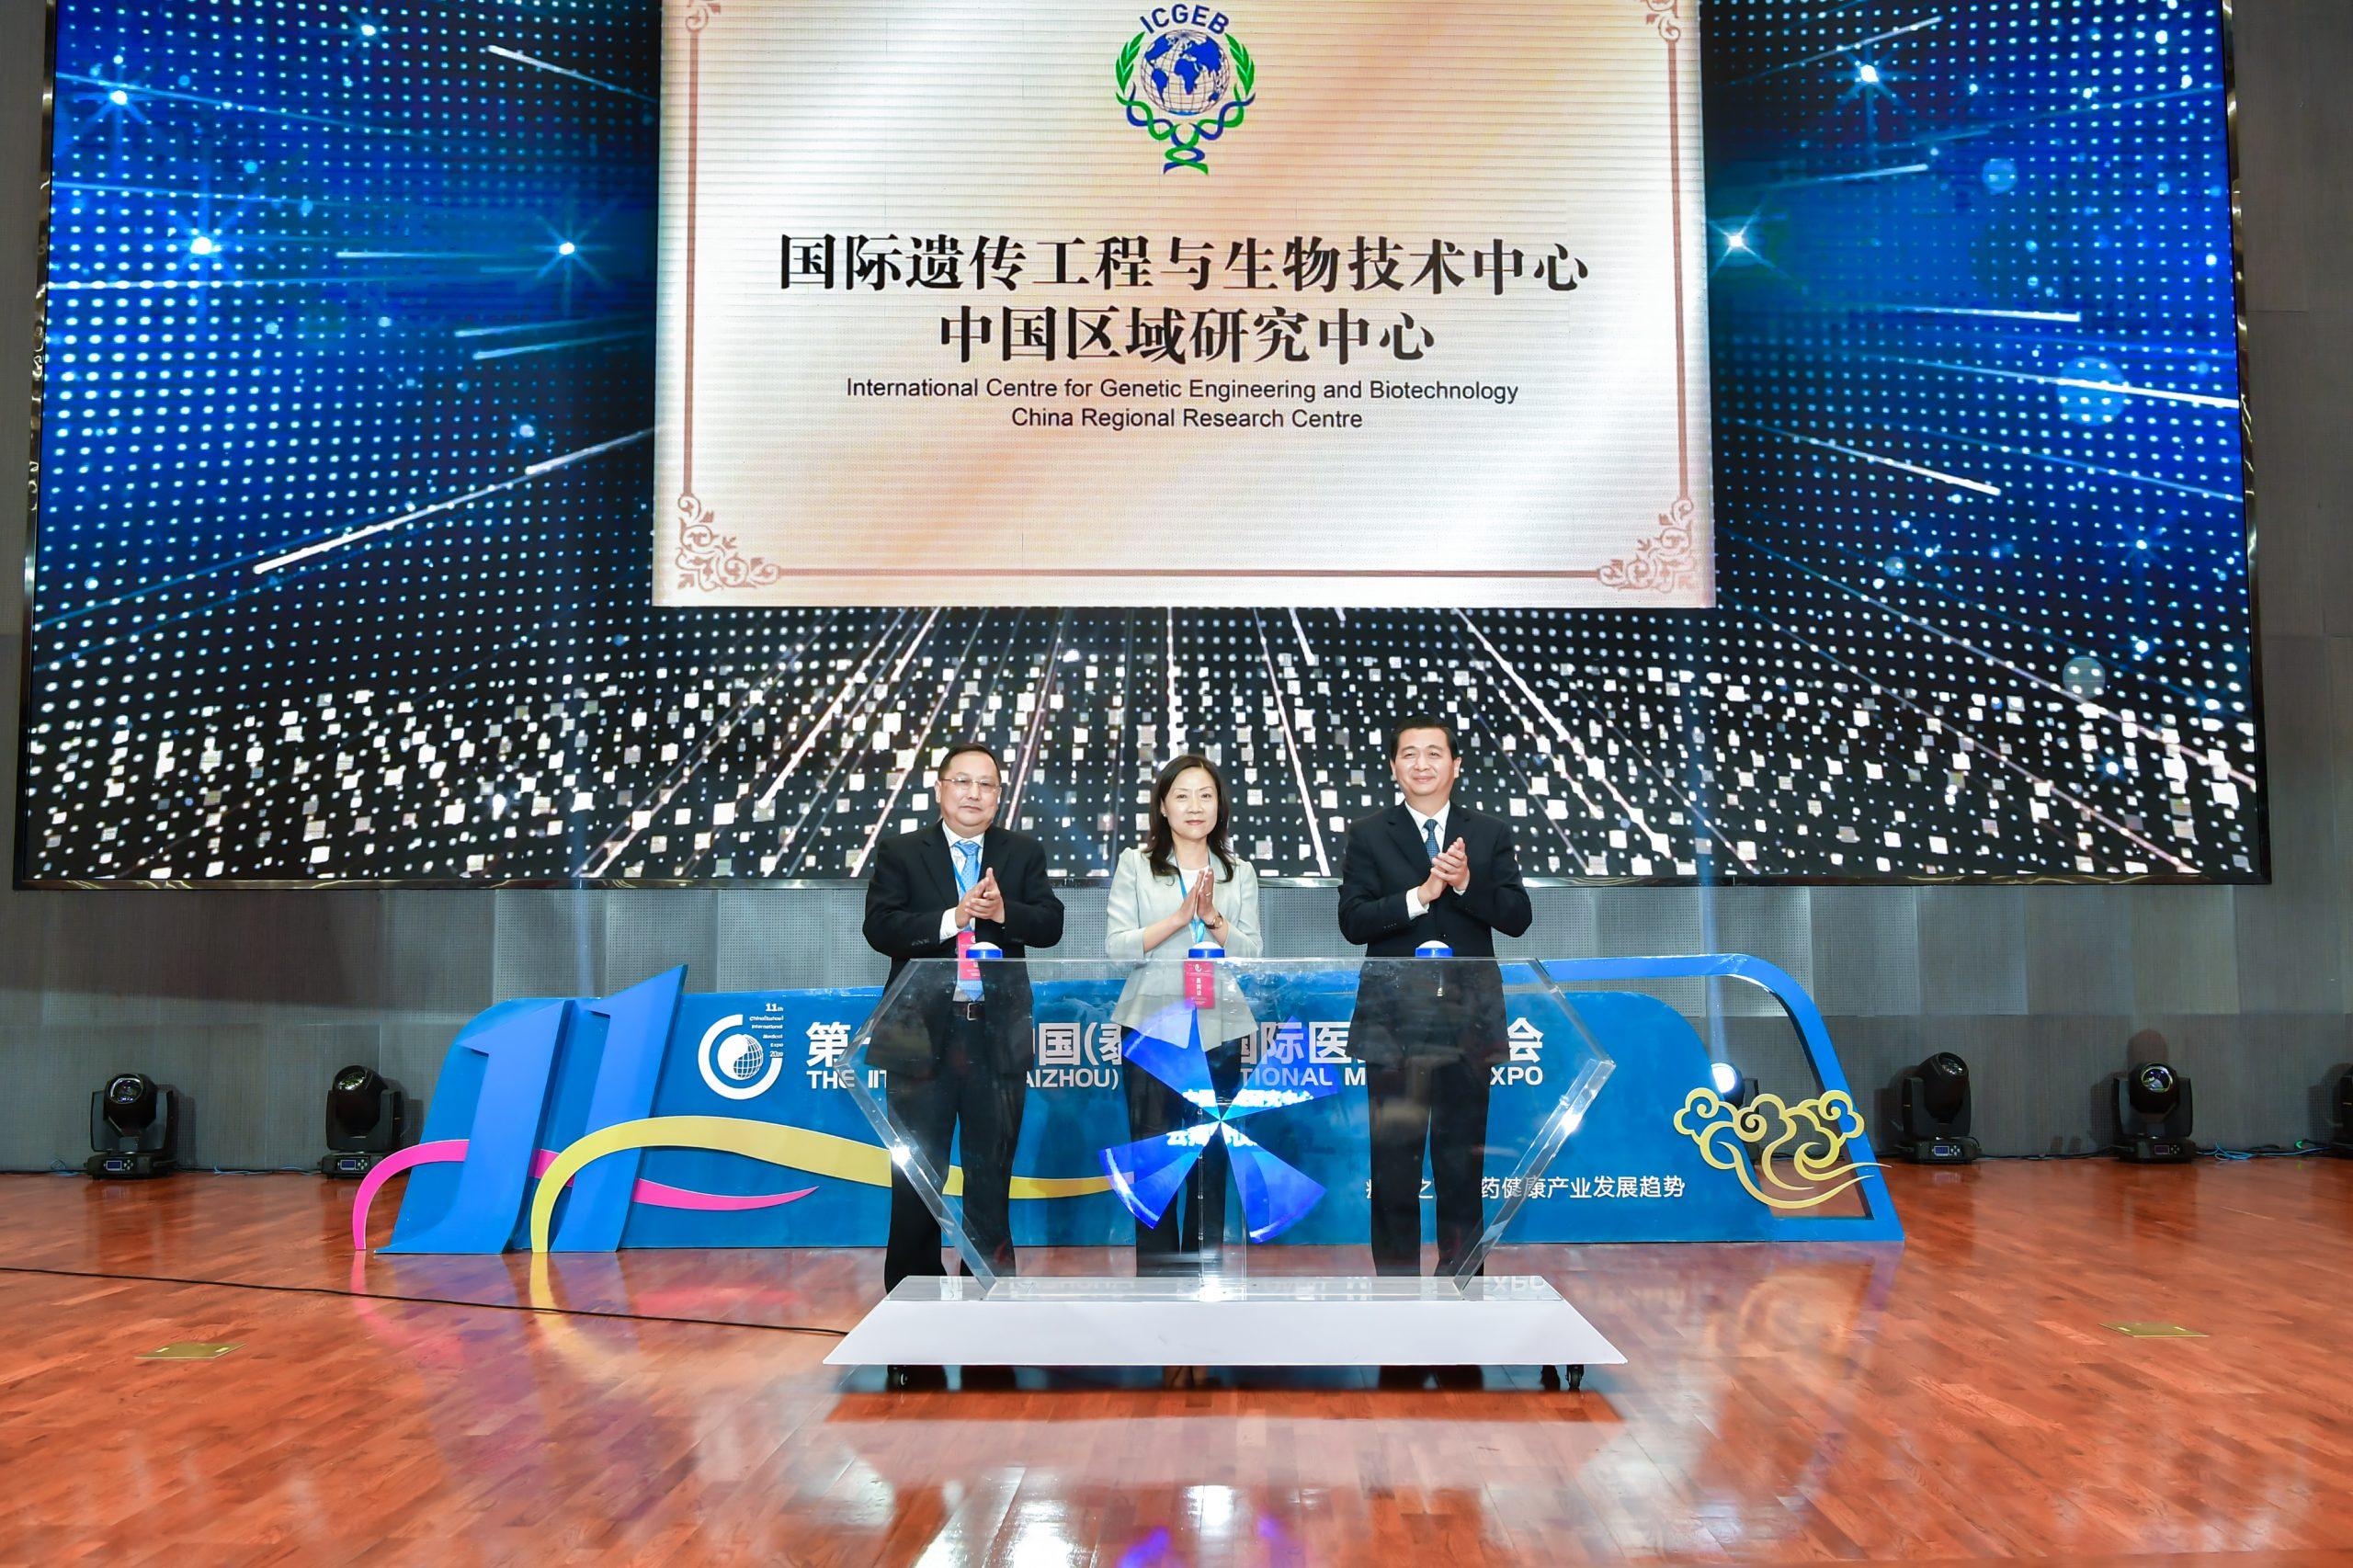 ICGEB China RRC unveiled